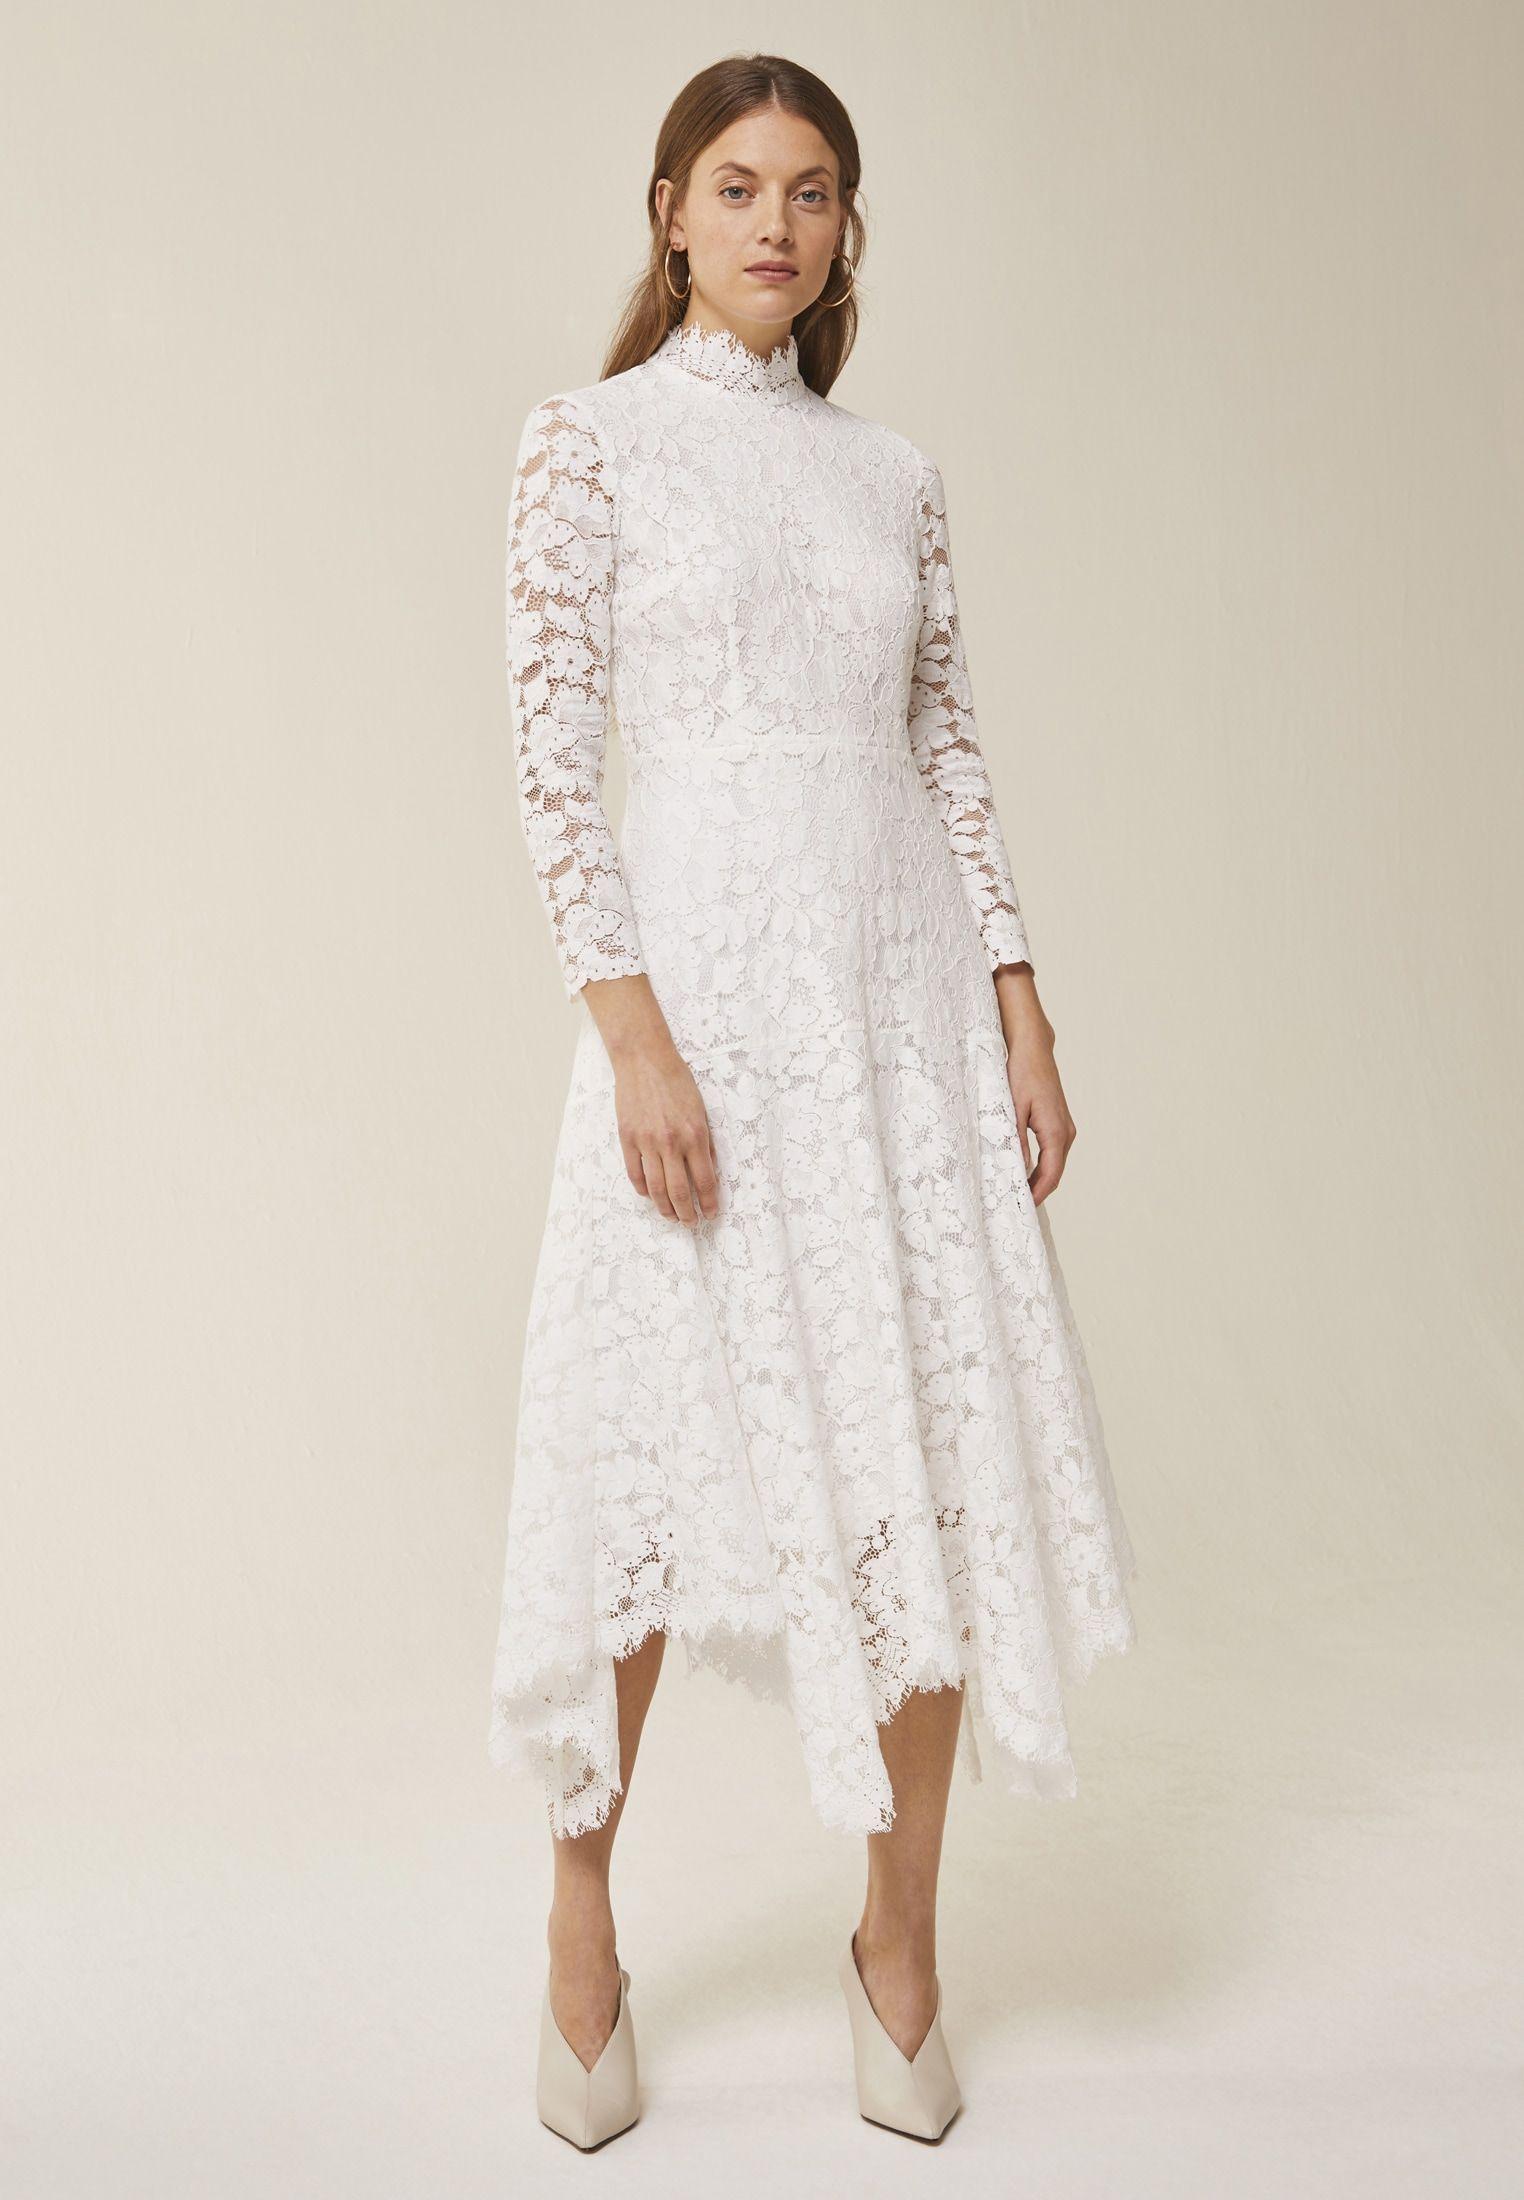 ivy & oak occasion wear - snow white - zalando.de in 2020